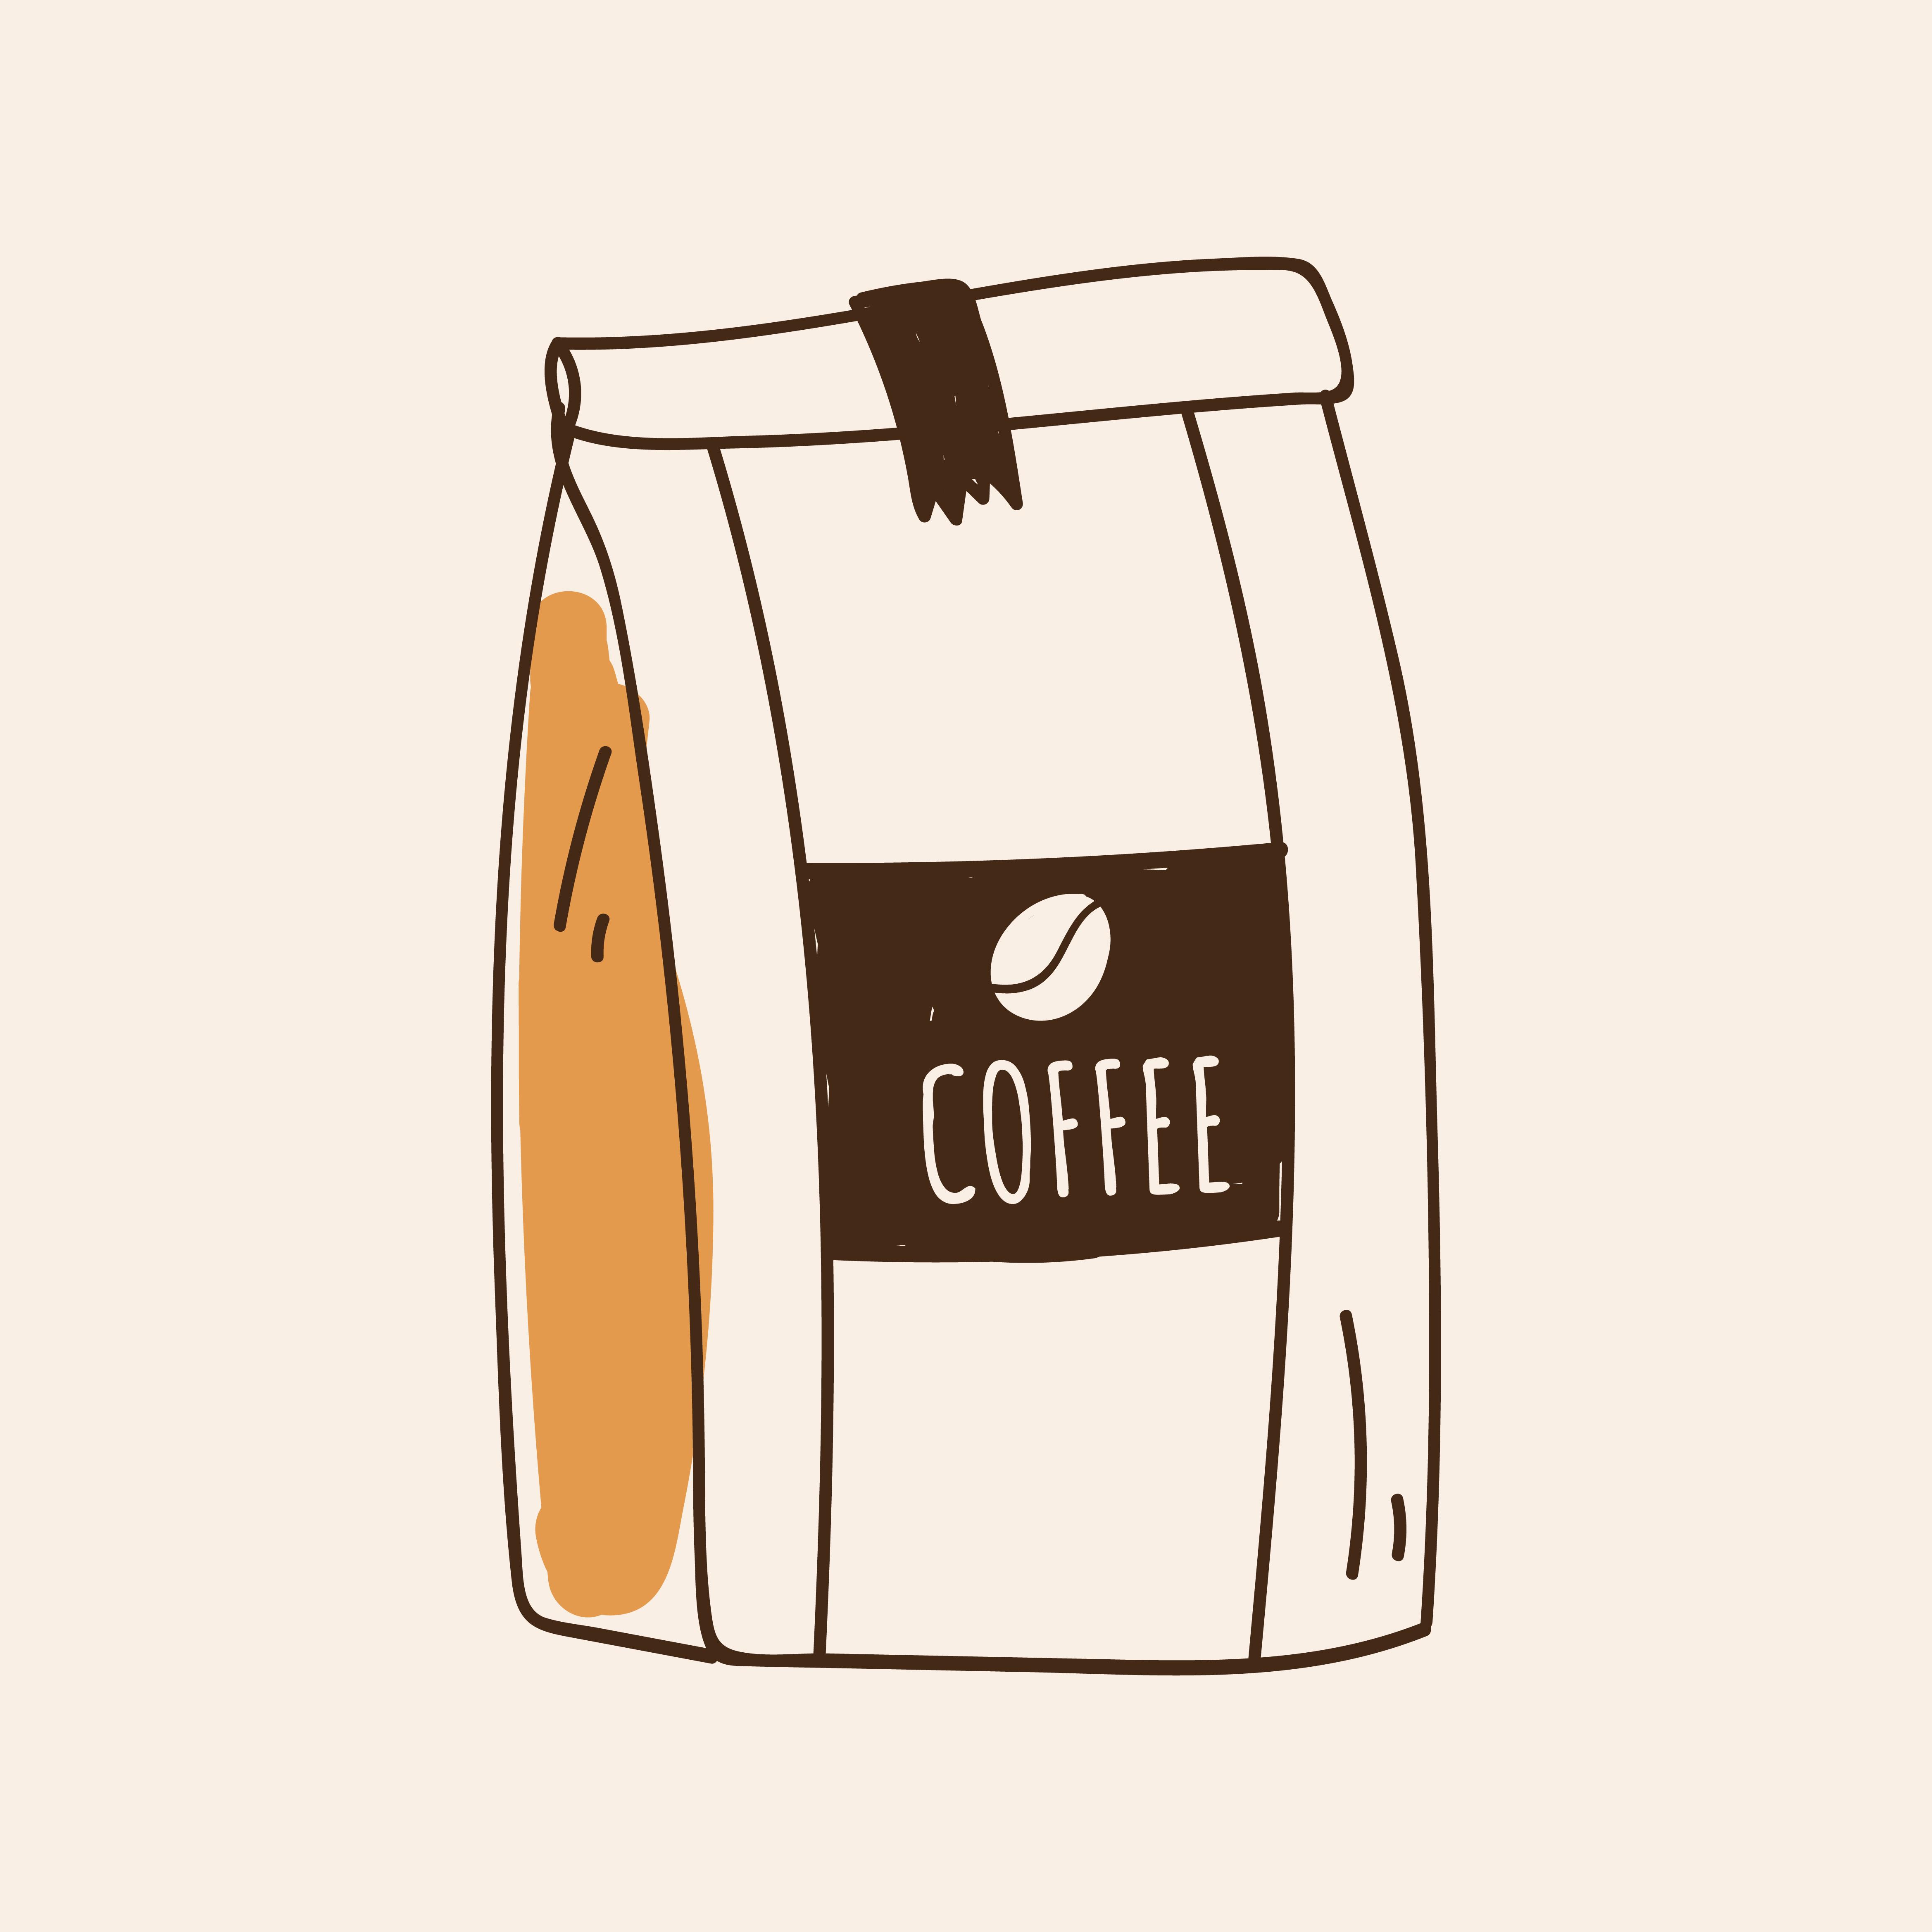 Coffee Shop Retro Logo Collection Concept: Bag Of Coffee Beans Icon Vector